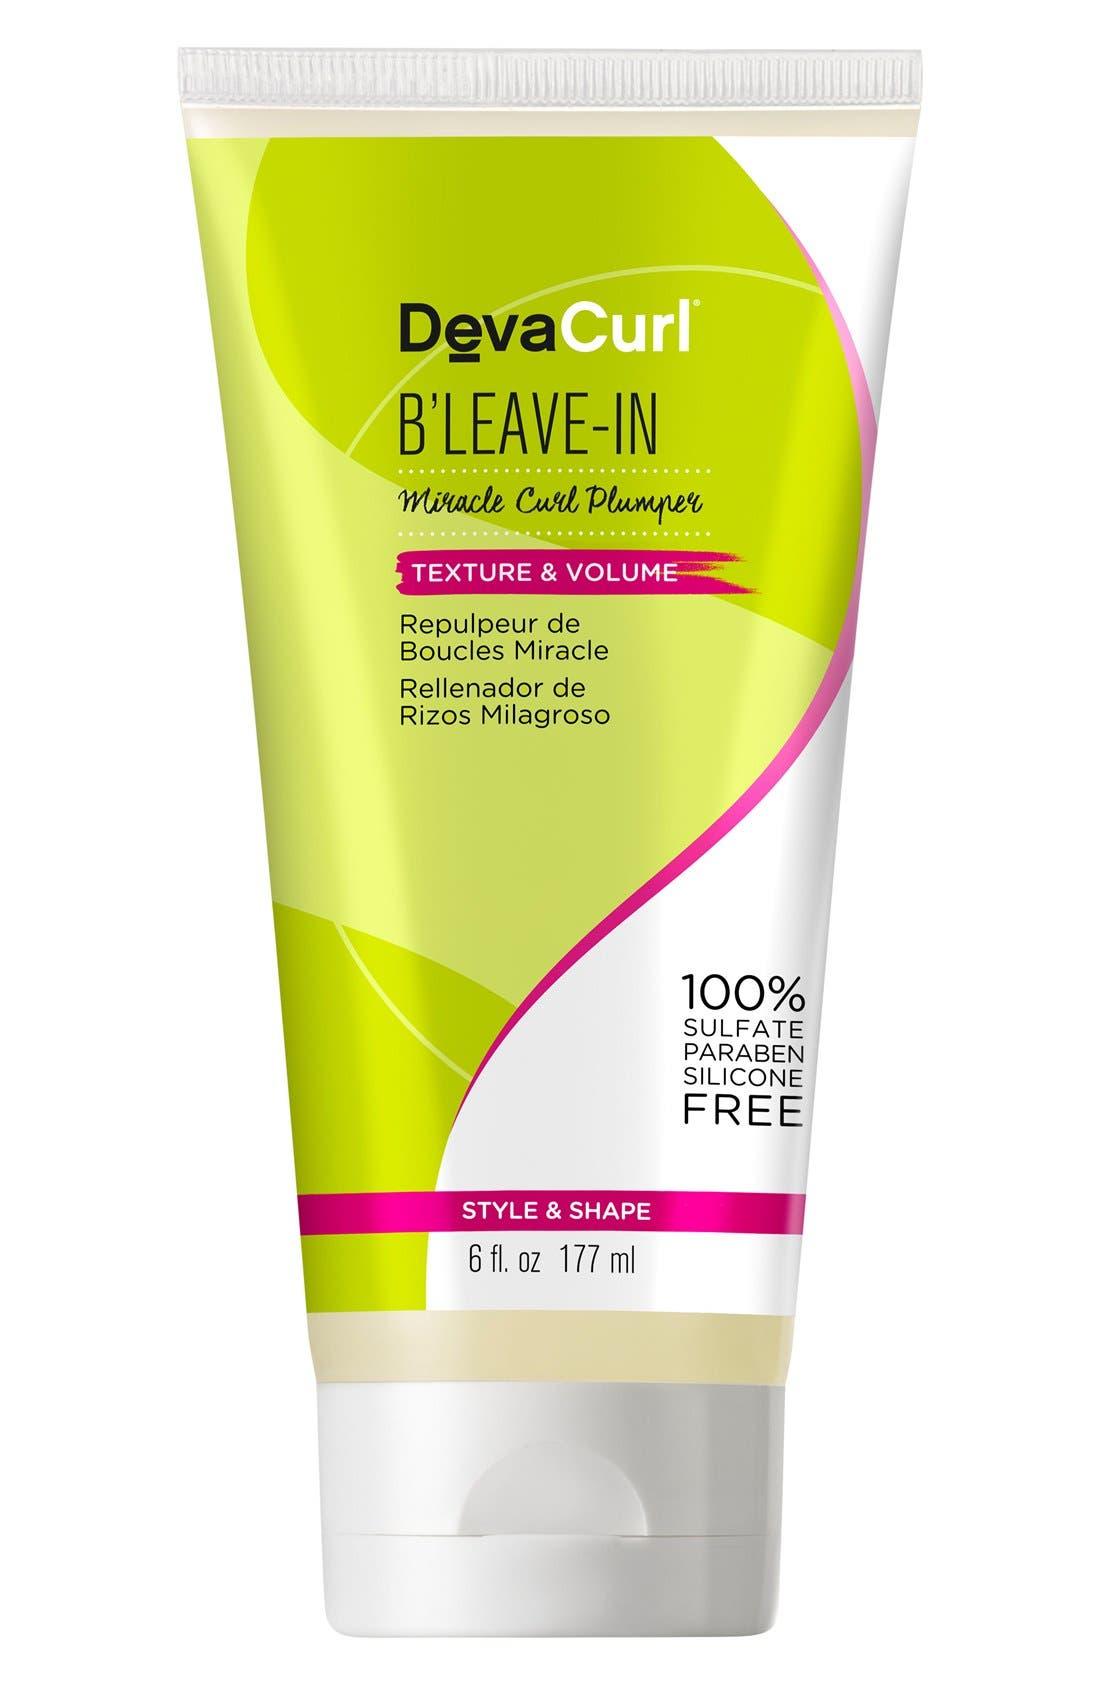 DevaCurl B'Leave-In Miracle Curl Plumper